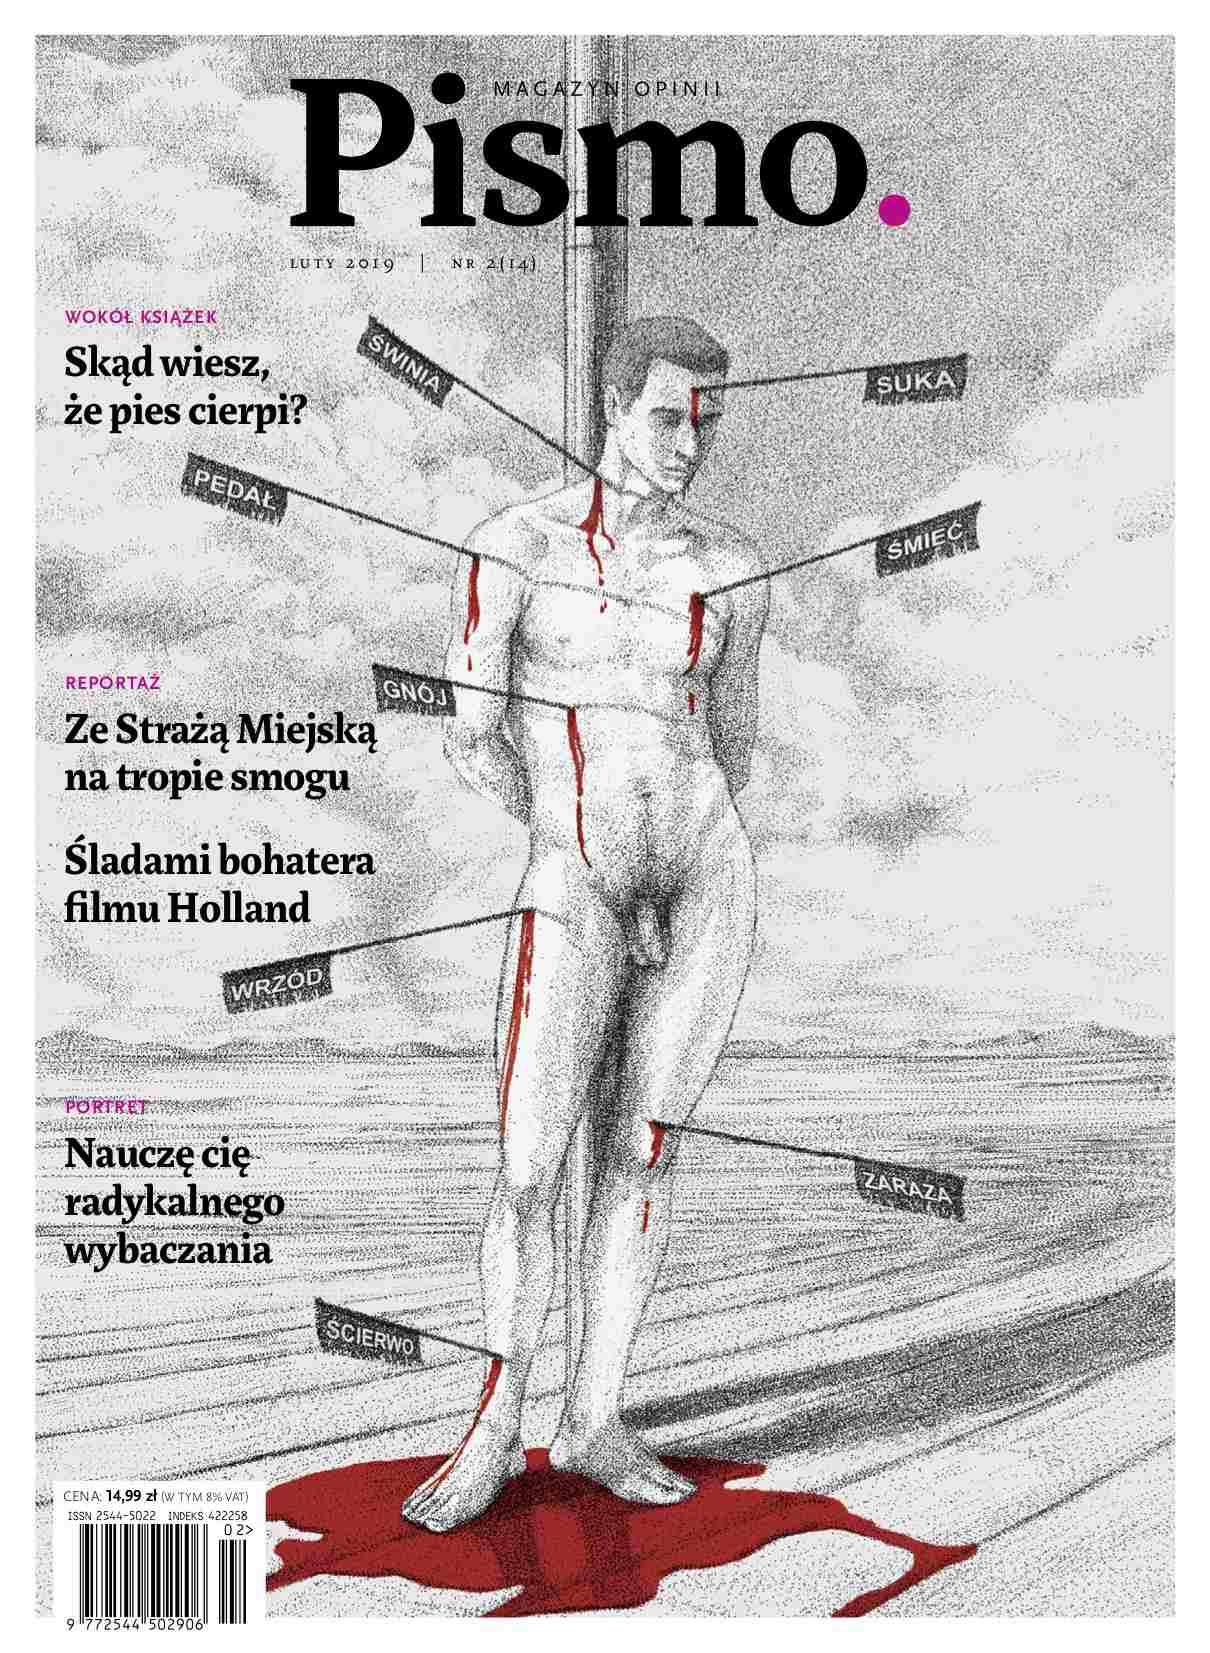 Pismo. Magazyn Opinii 02/2019 - Ebook (Książka PDF) do pobrania w formacie PDF